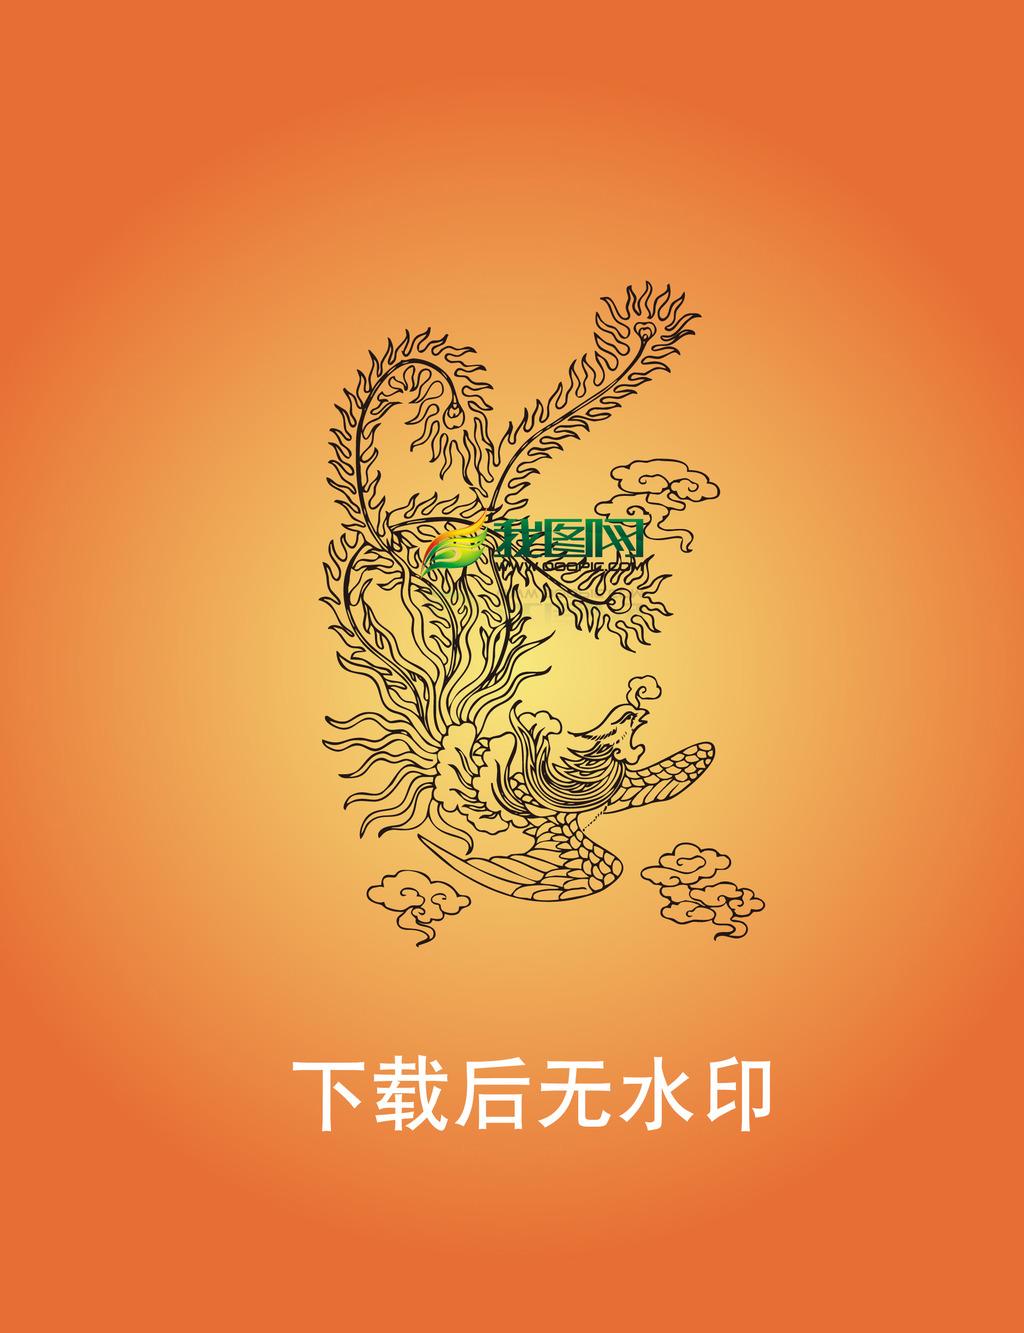 中国传统图案元素ai矢量格式